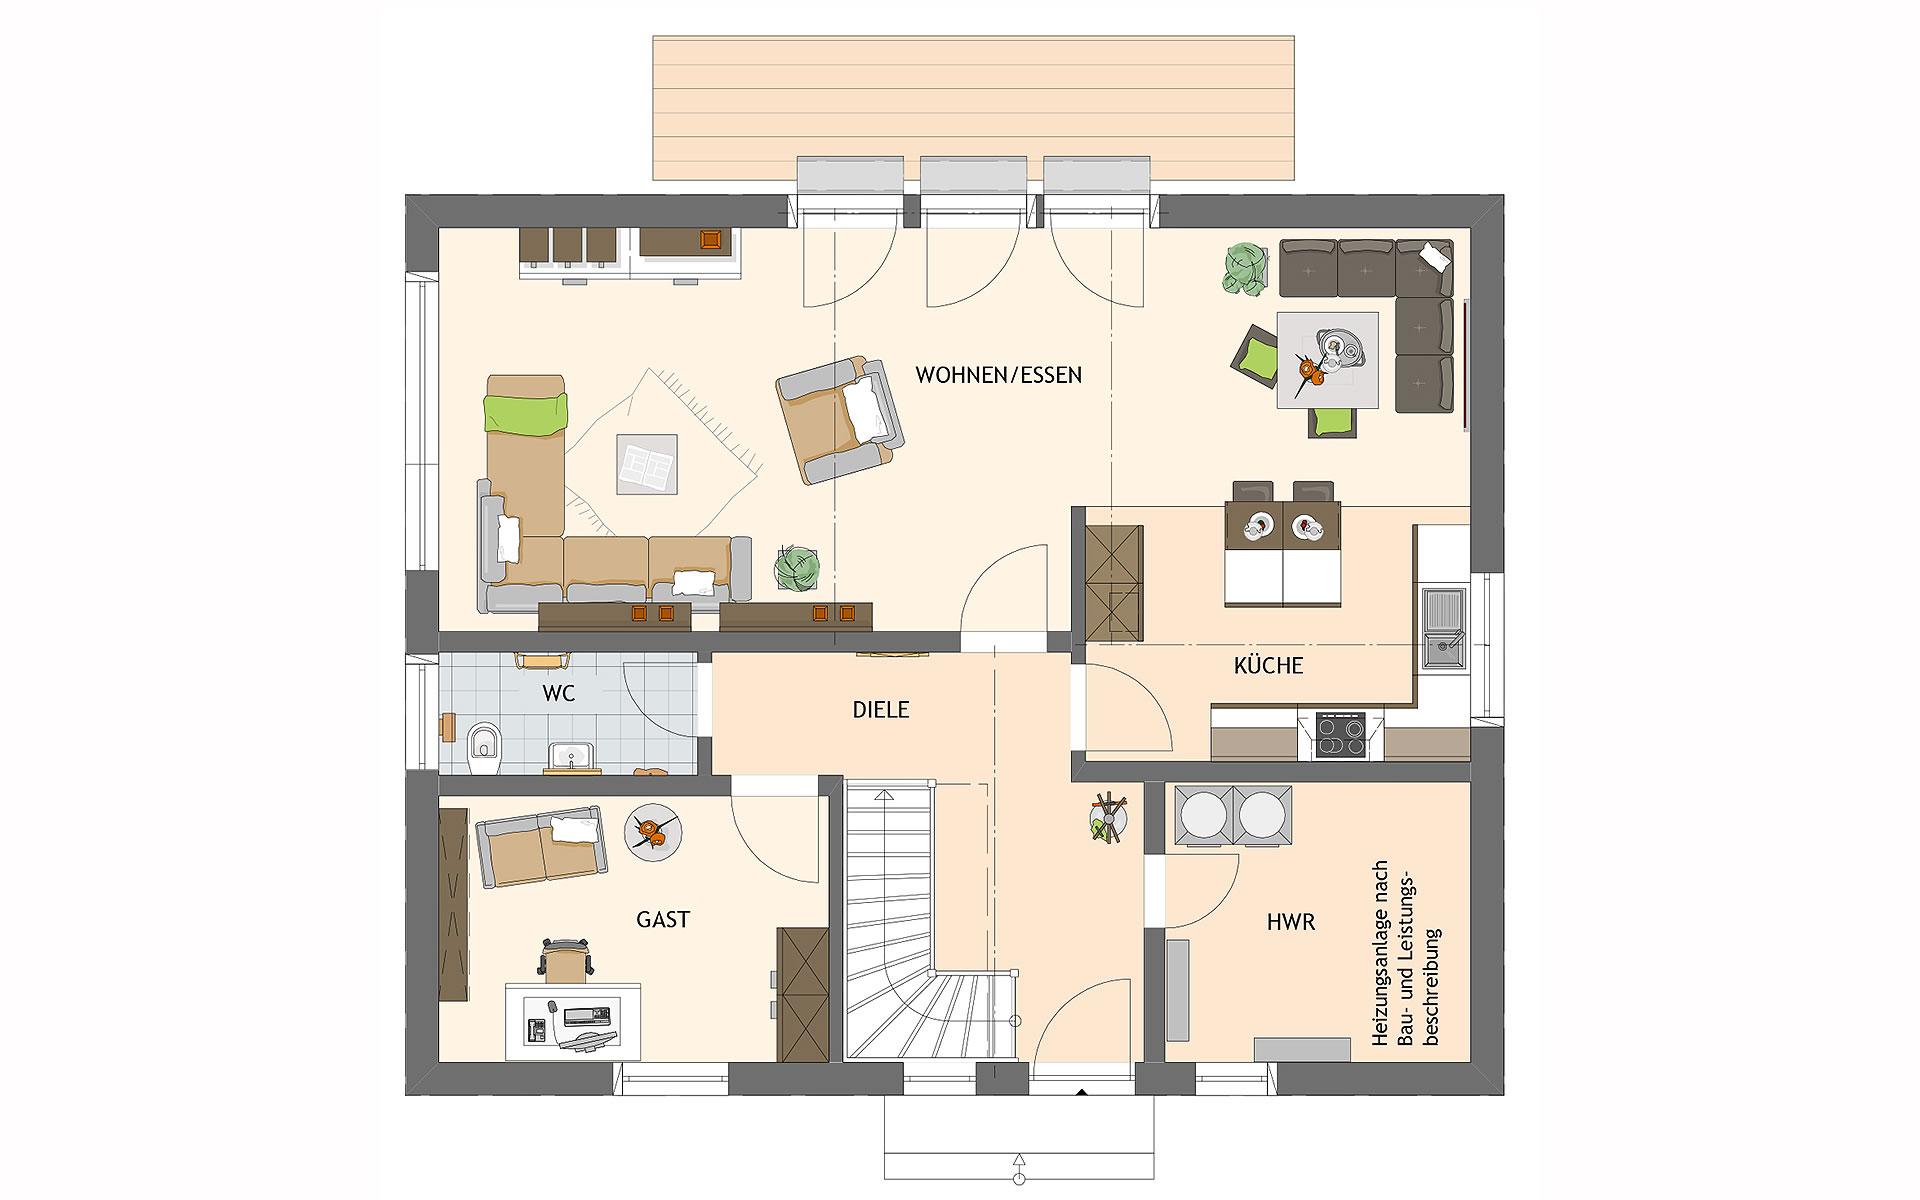 Erdgeschoss VIO 420 S130 qg von FingerHaus GmbH